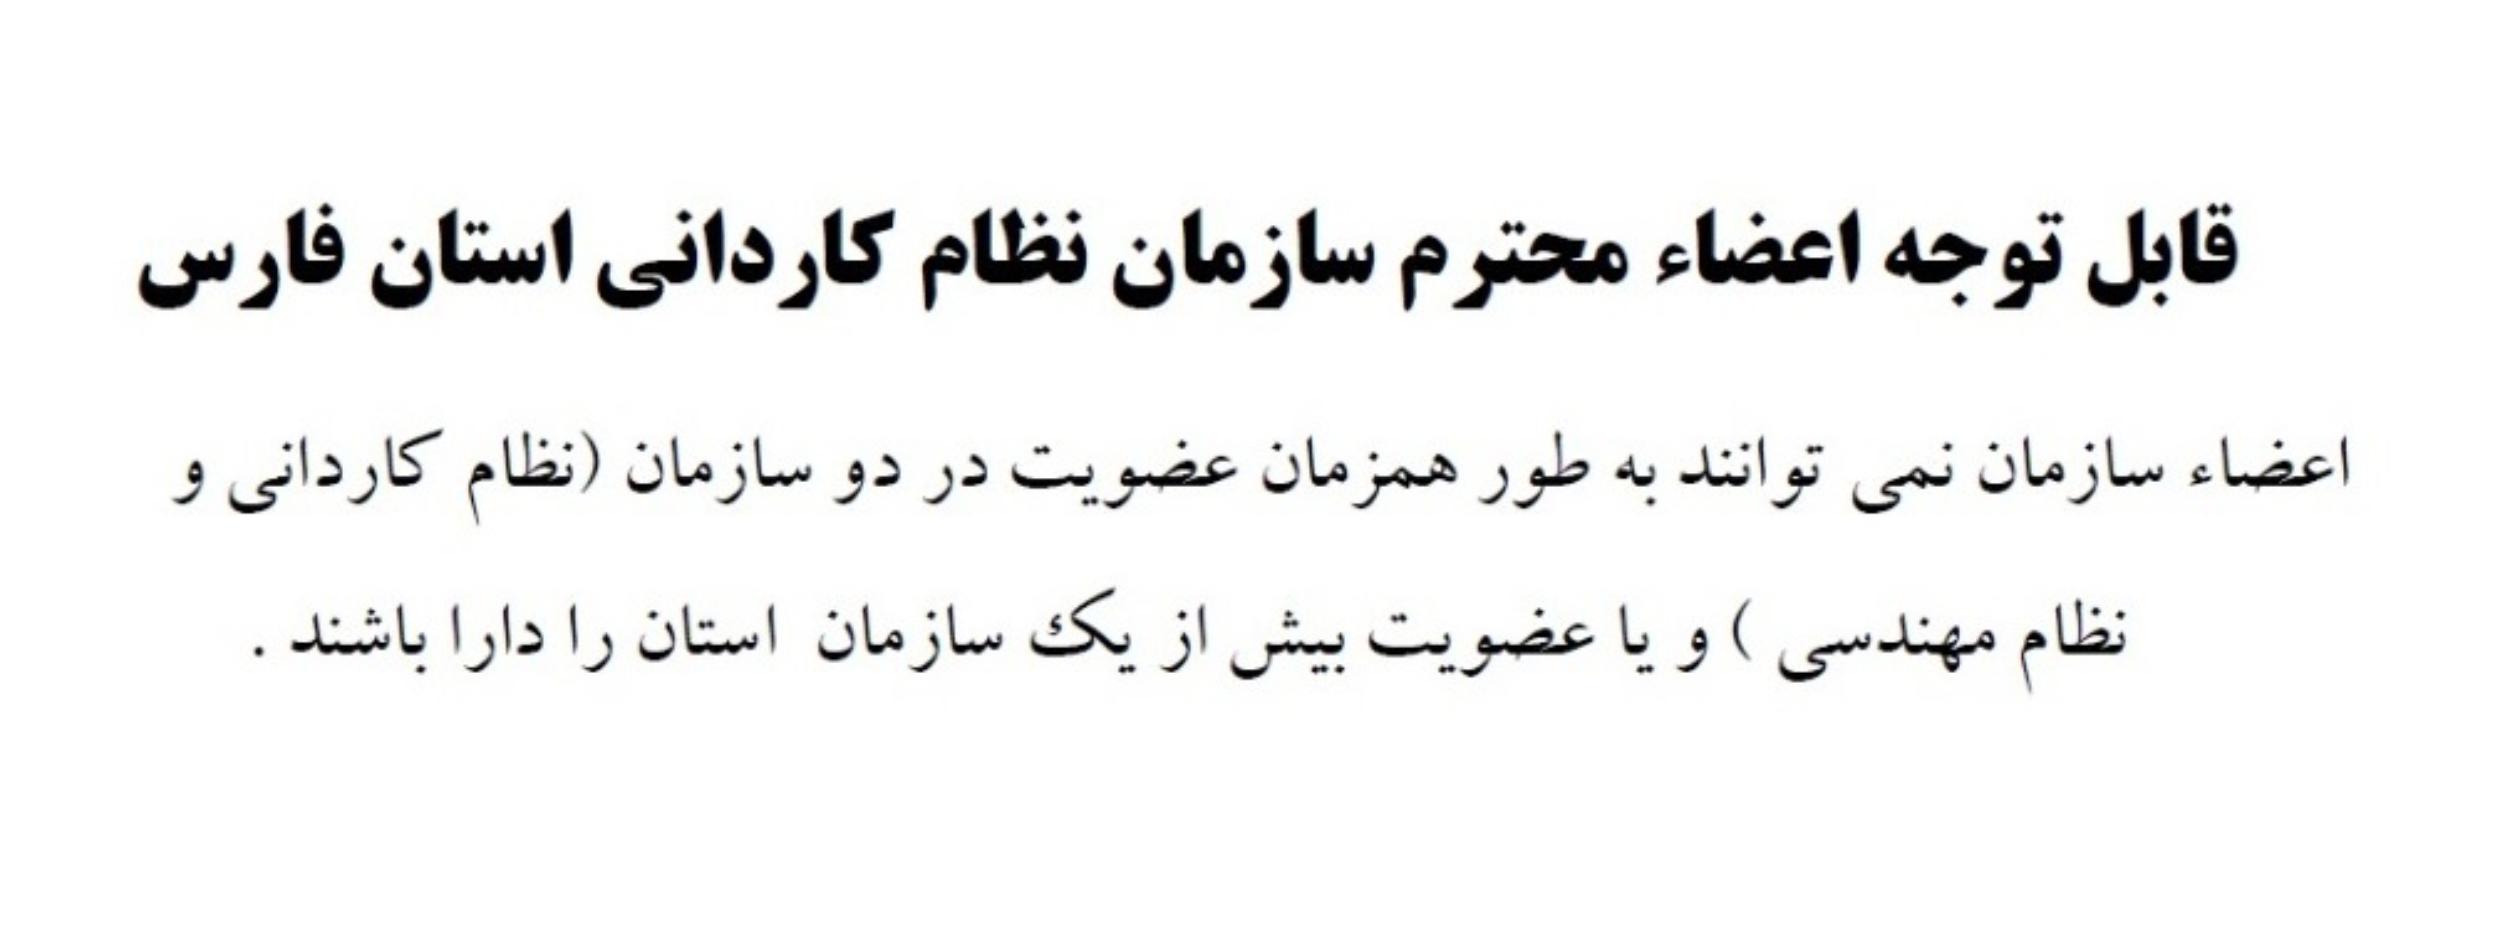 قابل توجه اعضاء محترم سازمان نظام کاردانی استان فارس